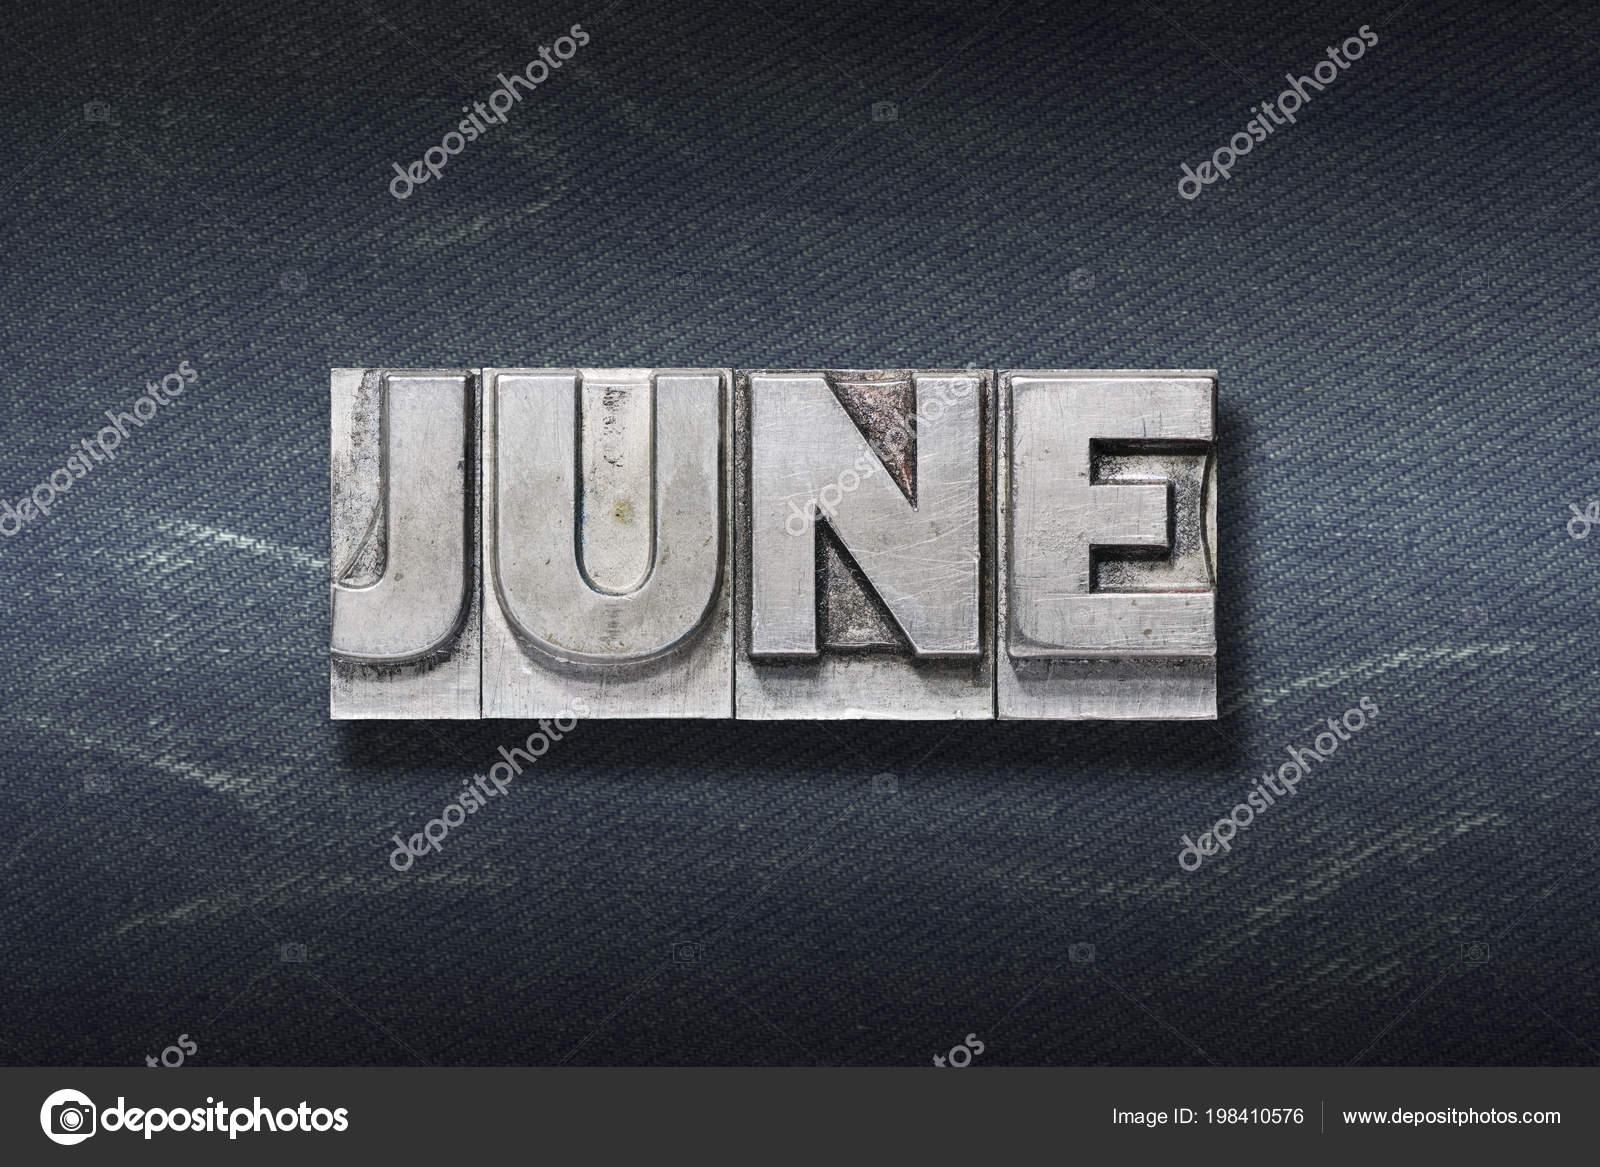 Palabra Junio Procedente Tipografia Metalico Sobre Fondo Oscuro Pantalones Vaqueros Foto De Stock C Yurizap 198410576